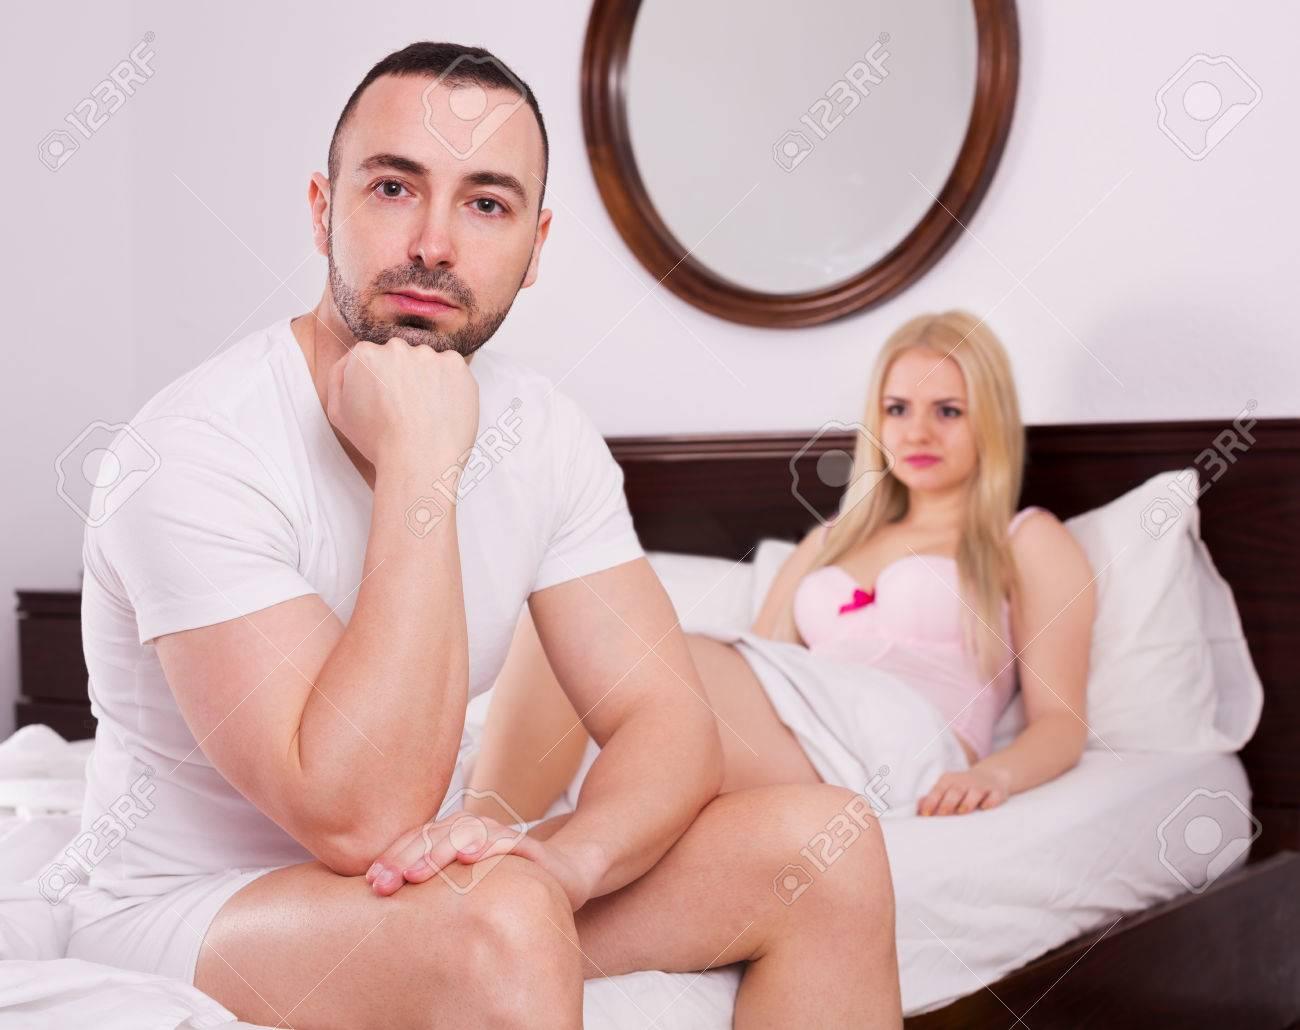 Секс муж и жена смотреть, Муж и жена - Настоящее порно мужа и жены! 20 фотография